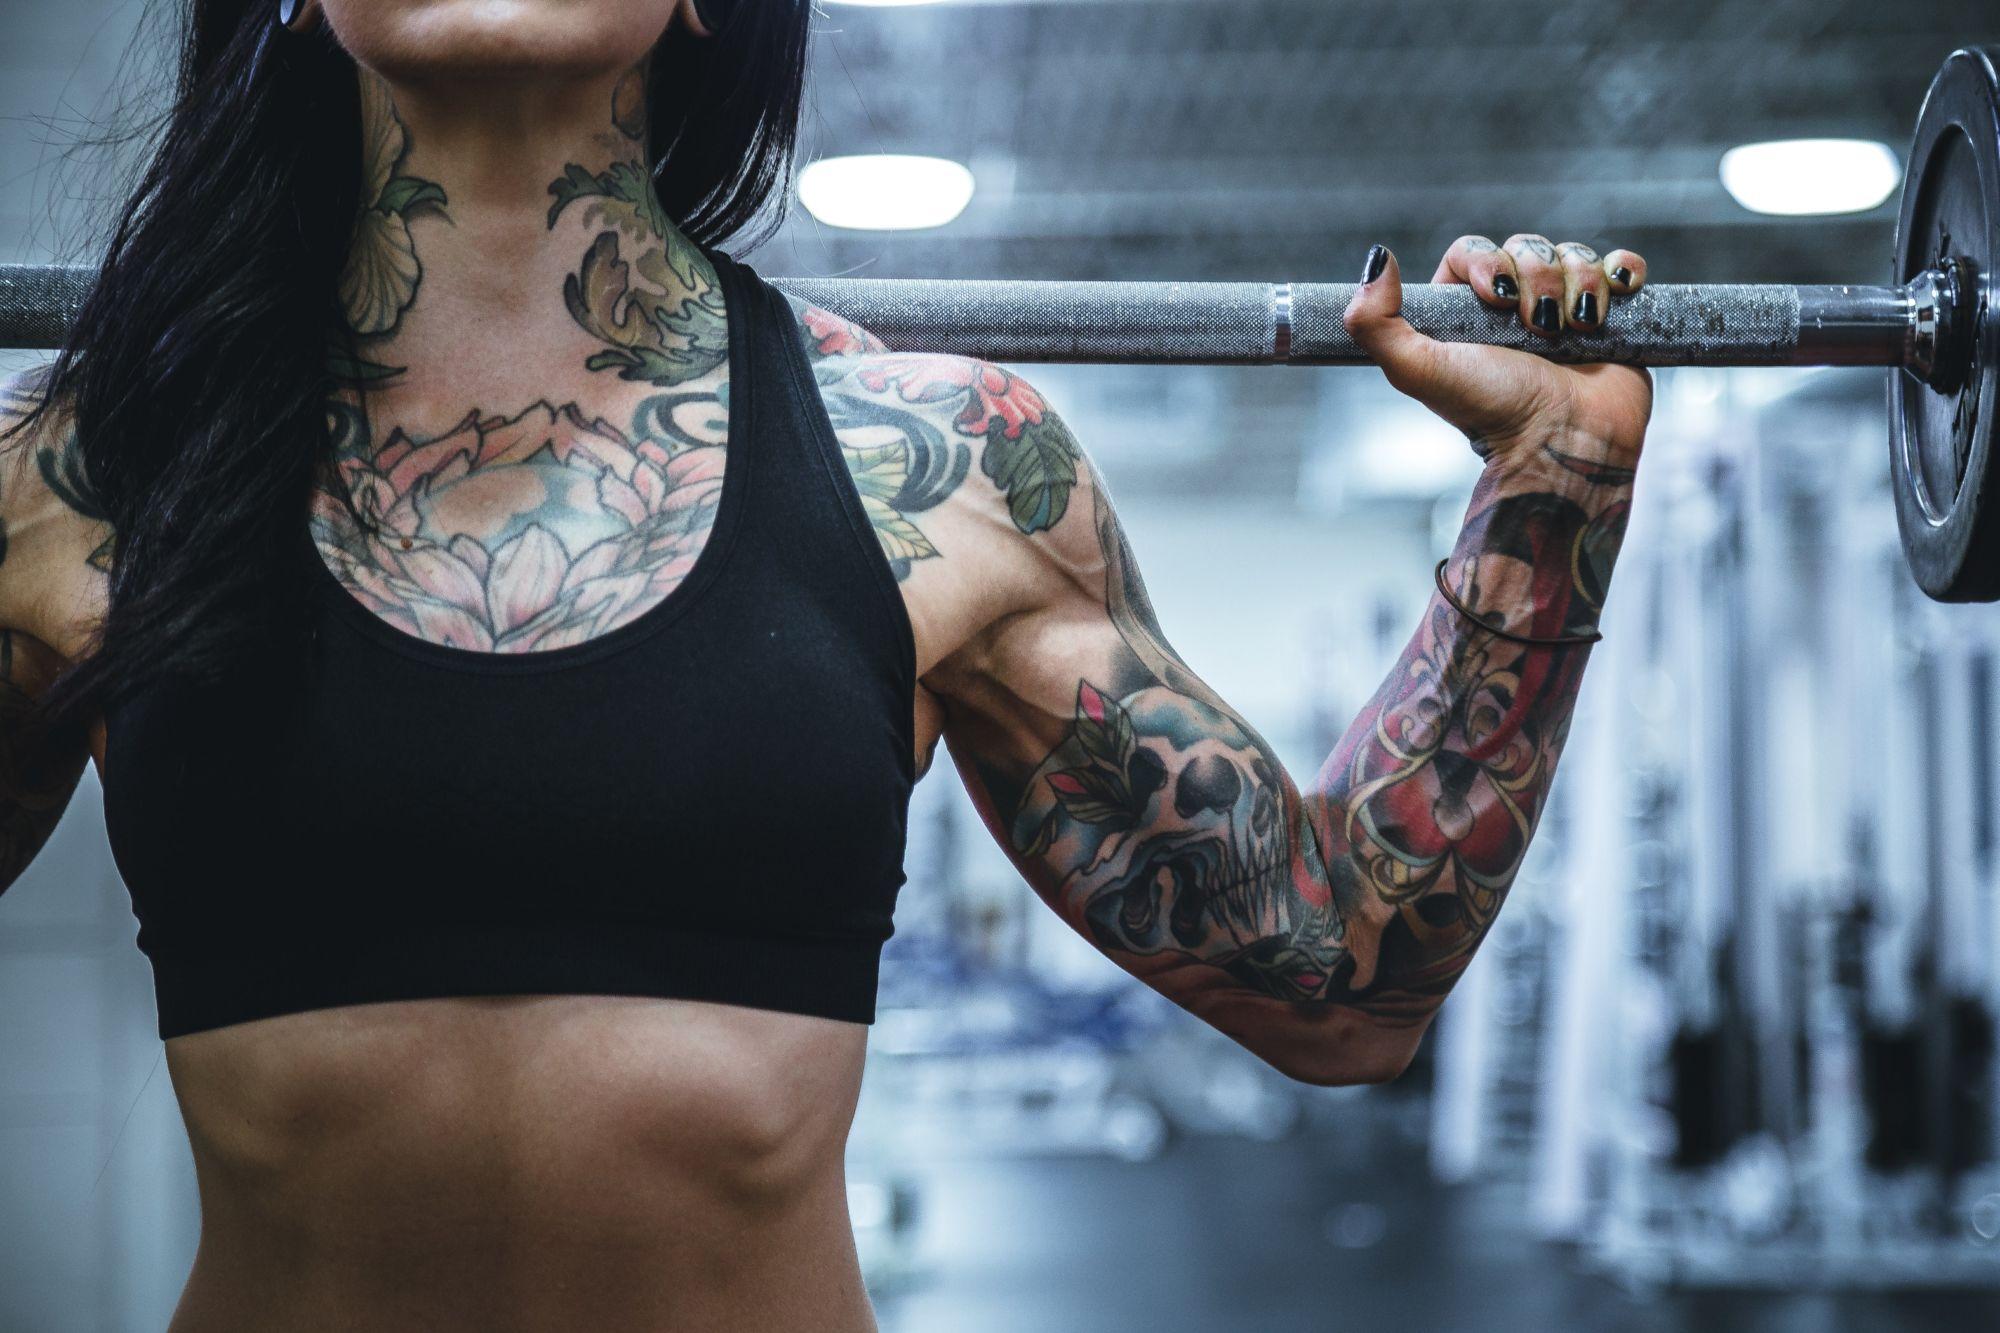 Nápoje na chudnutie, obrázok: tetovana slečna s činkou